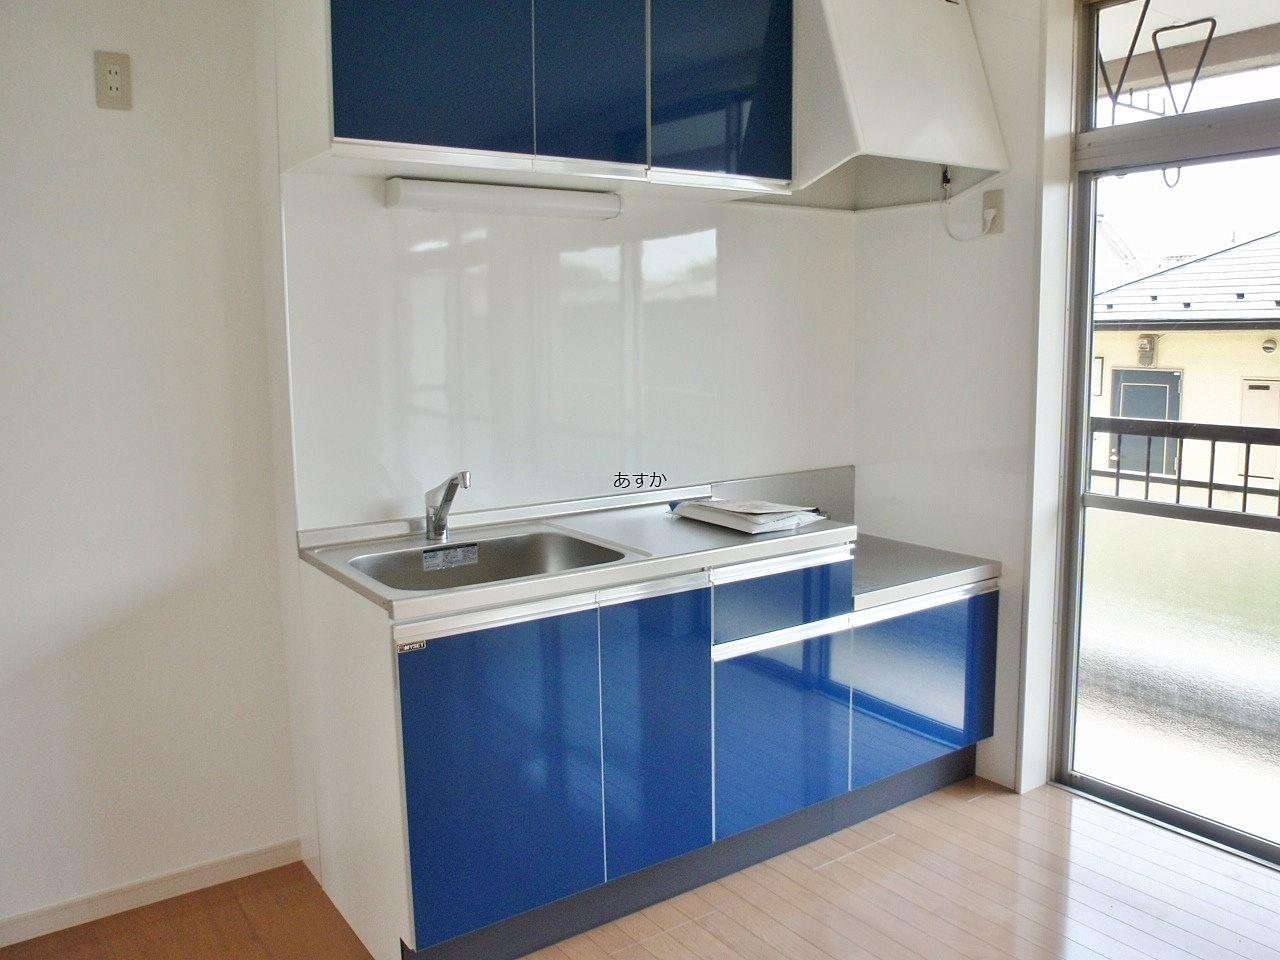 明るいブルーのキッチンセットがおしゃれ